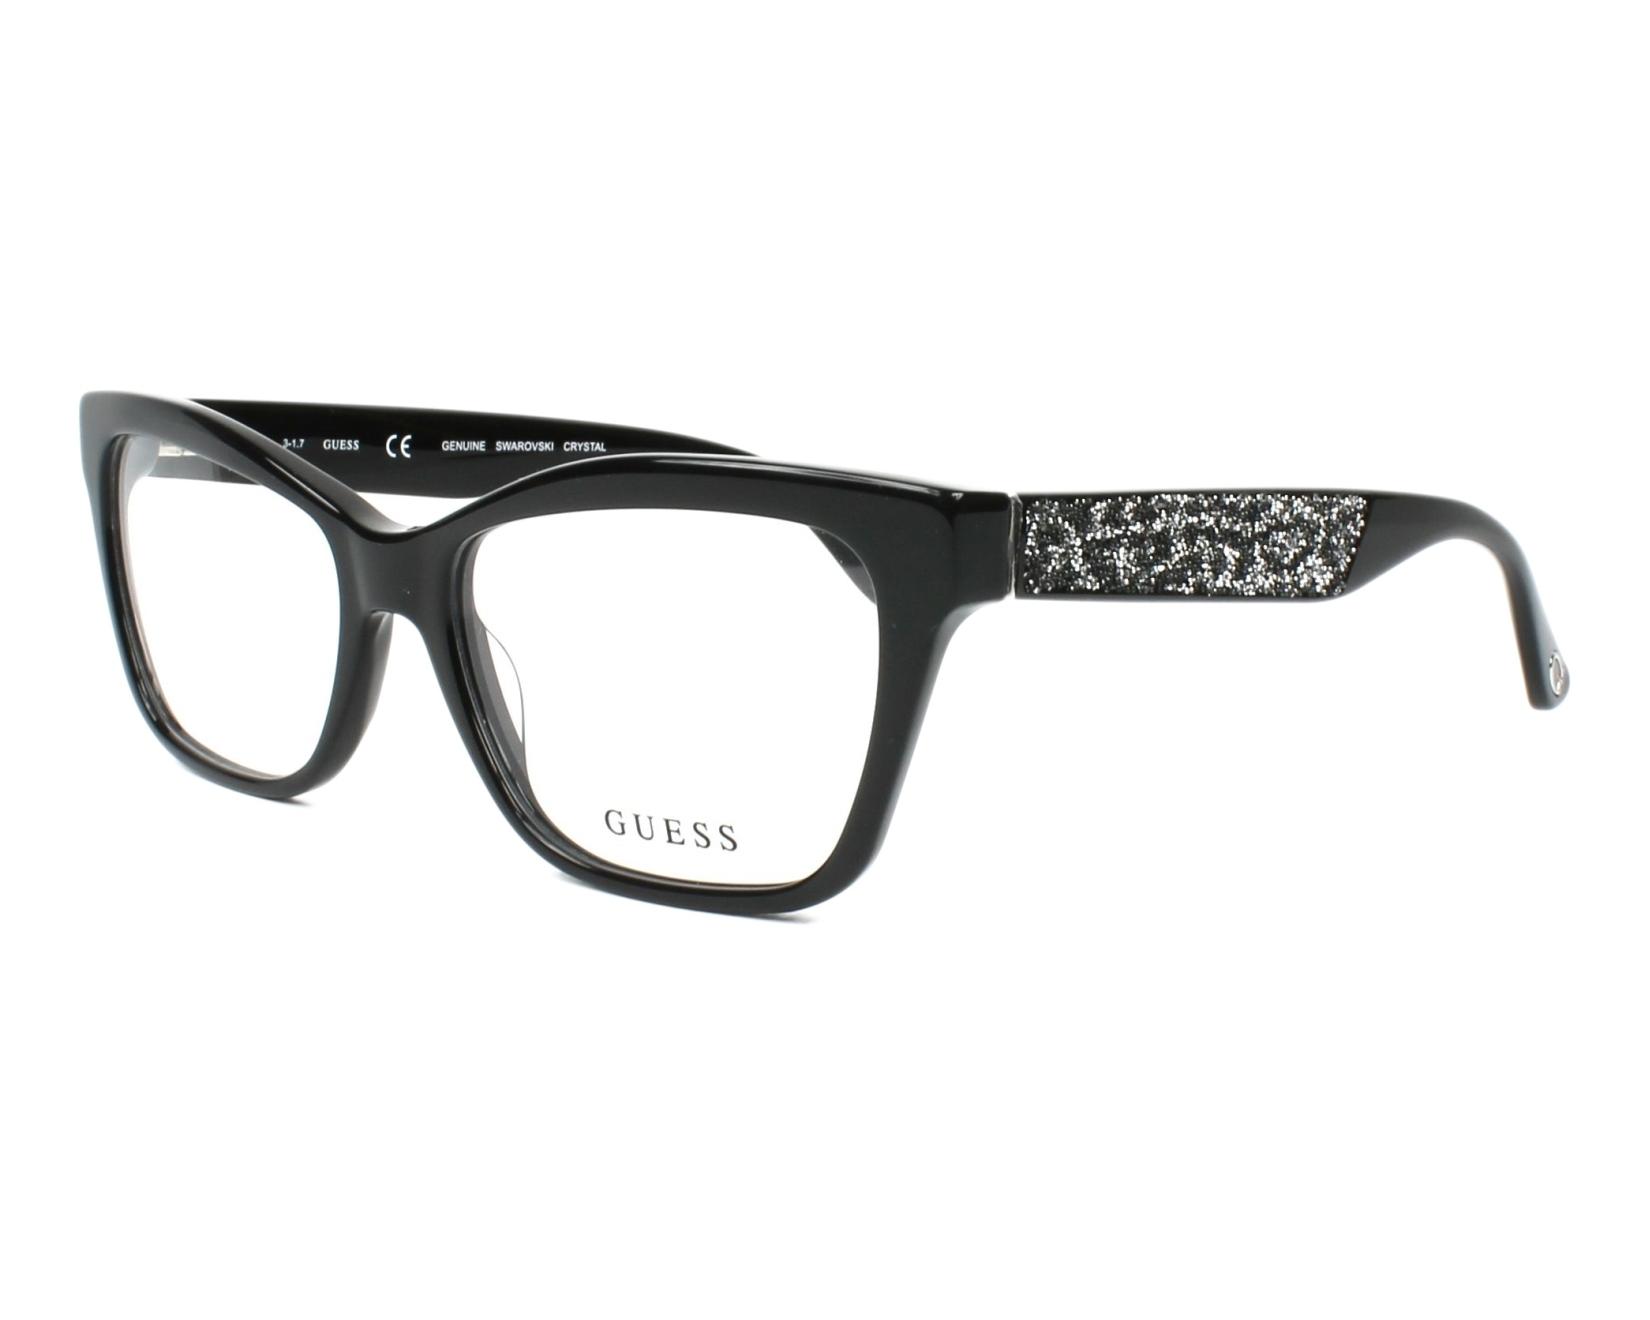 Guess Eyeglasses GU-2622 001 Black | visio-net.com